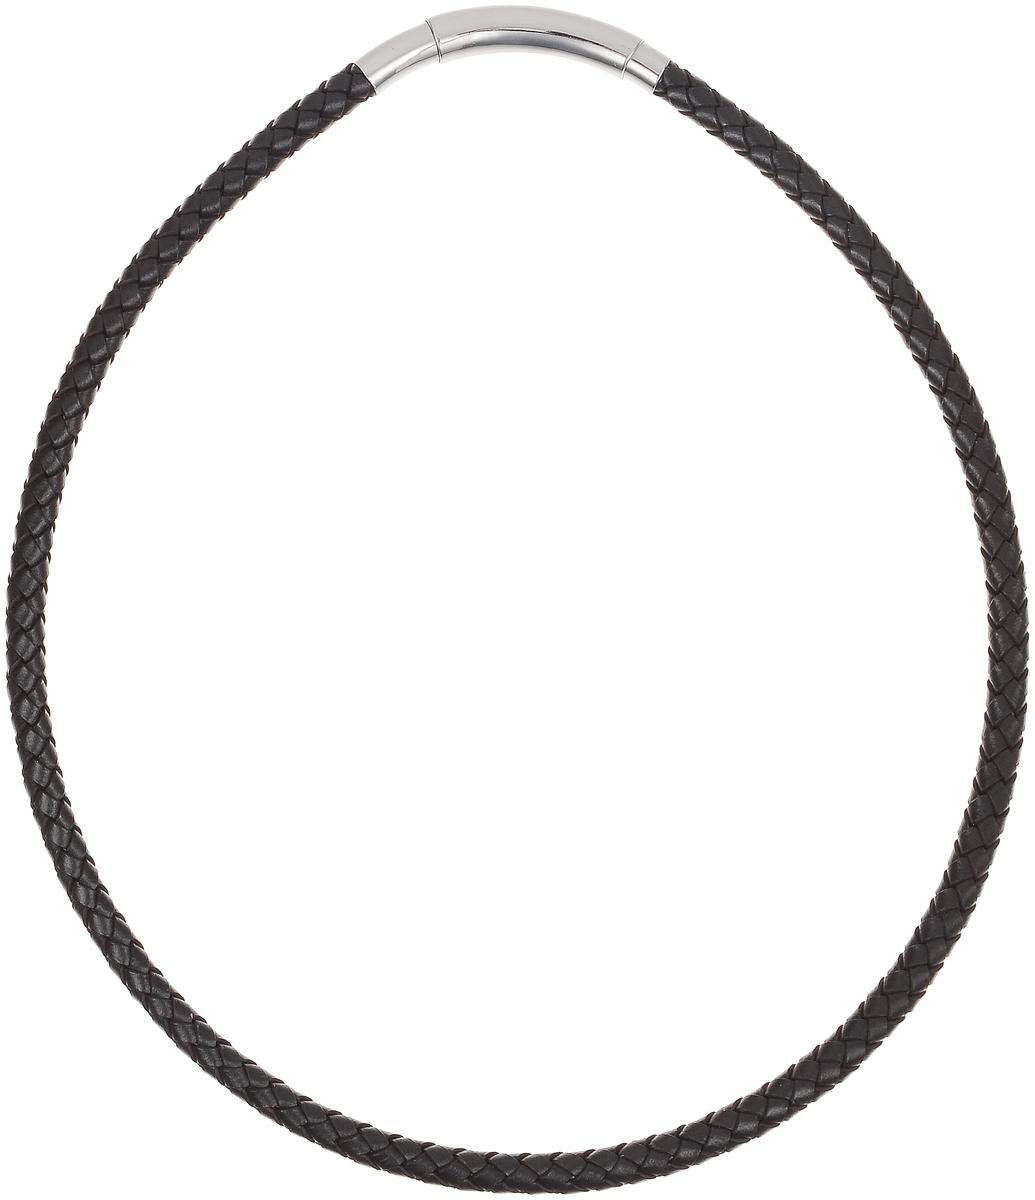 Ожерелье Art-Silver, цвет: коричневый. 292BD-851Колье (короткие одноярусные бусы)Ожерелье современного дизайна Art-Silver изготовлено из бижутерийного сплава и искусственной кожи. В комплекте с украшением поставляется мешочек для хранения.